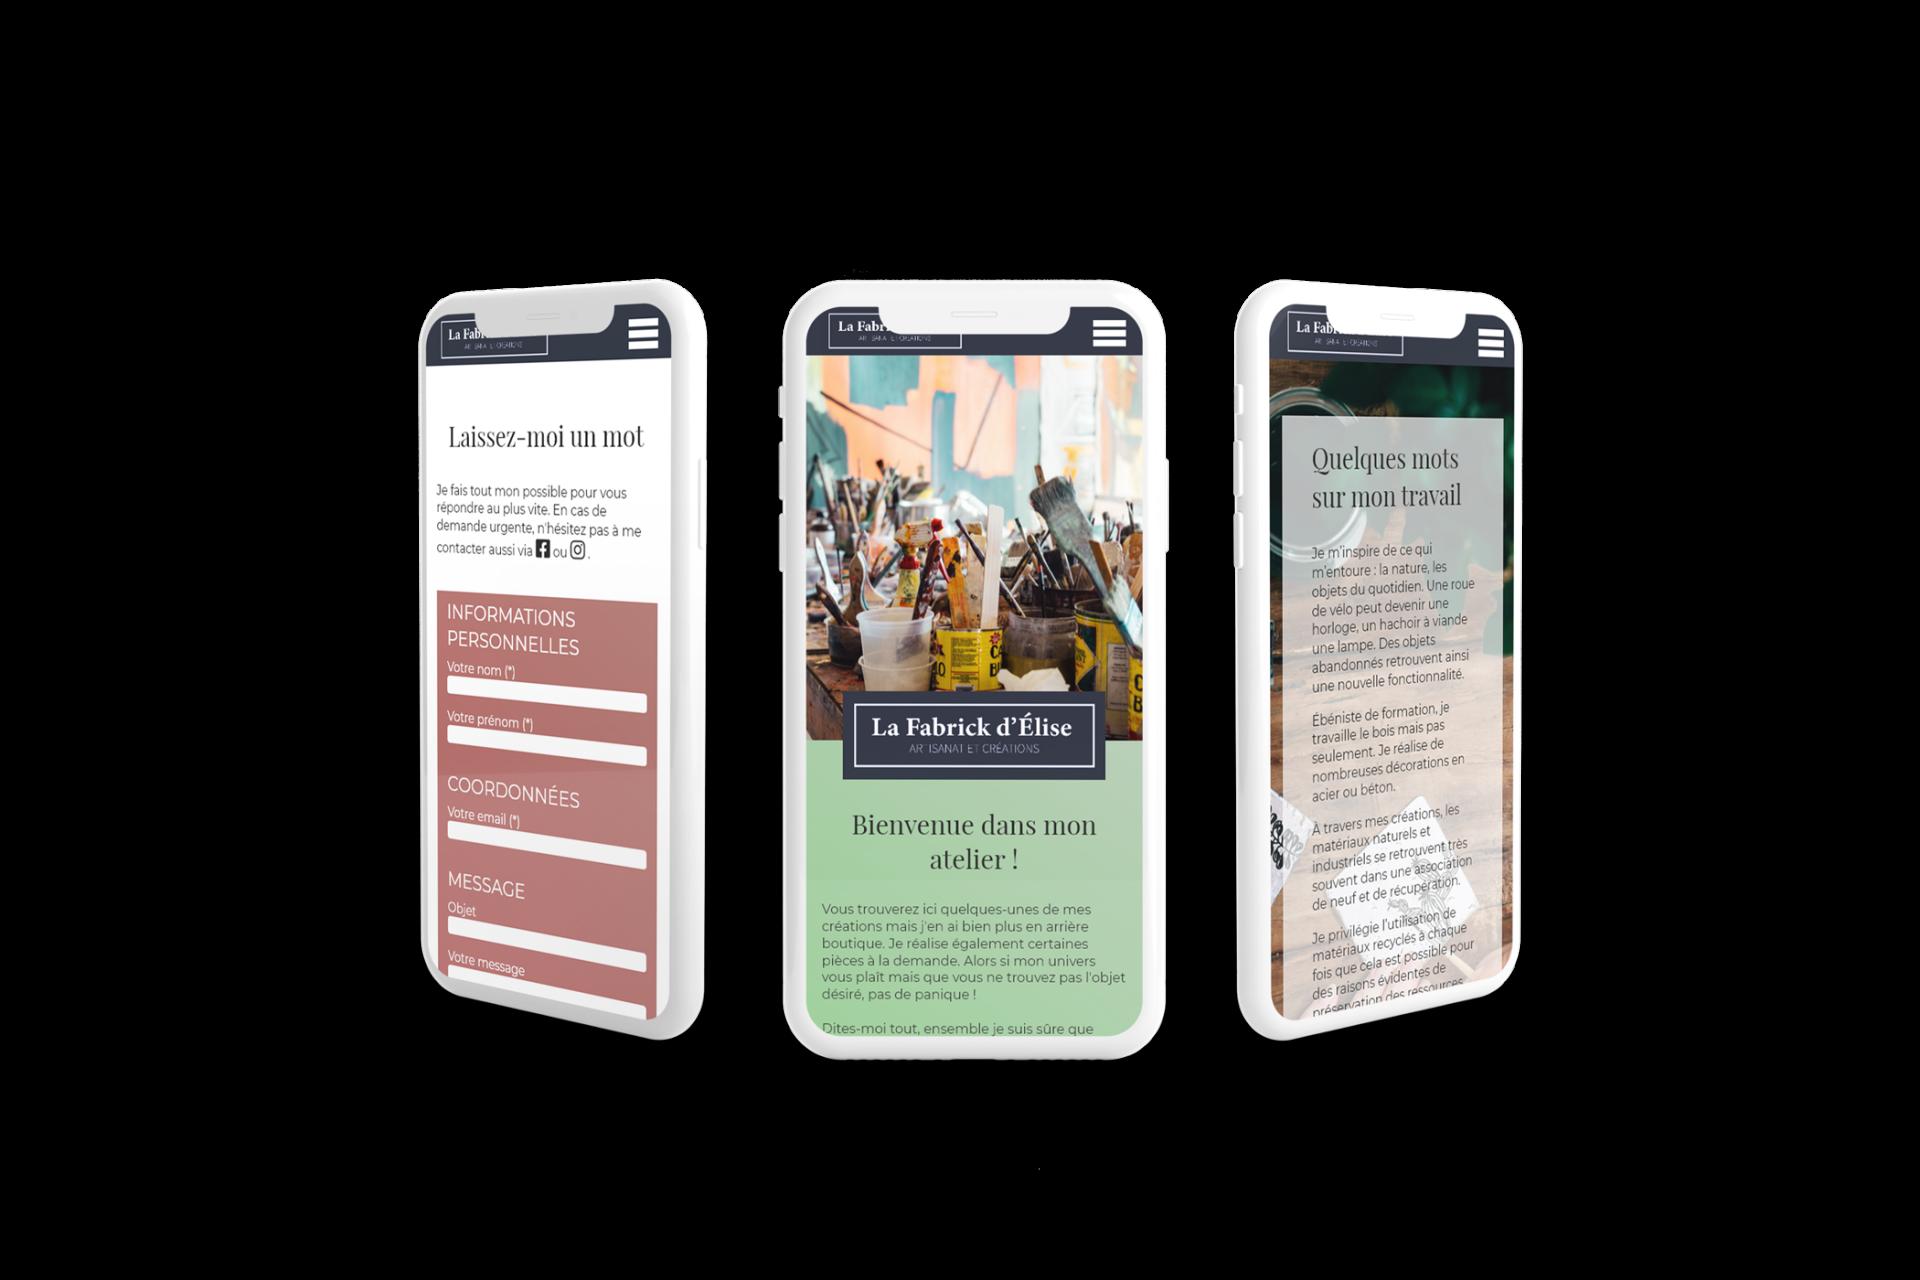 Mobiles presentant le site La Fabrick d élise